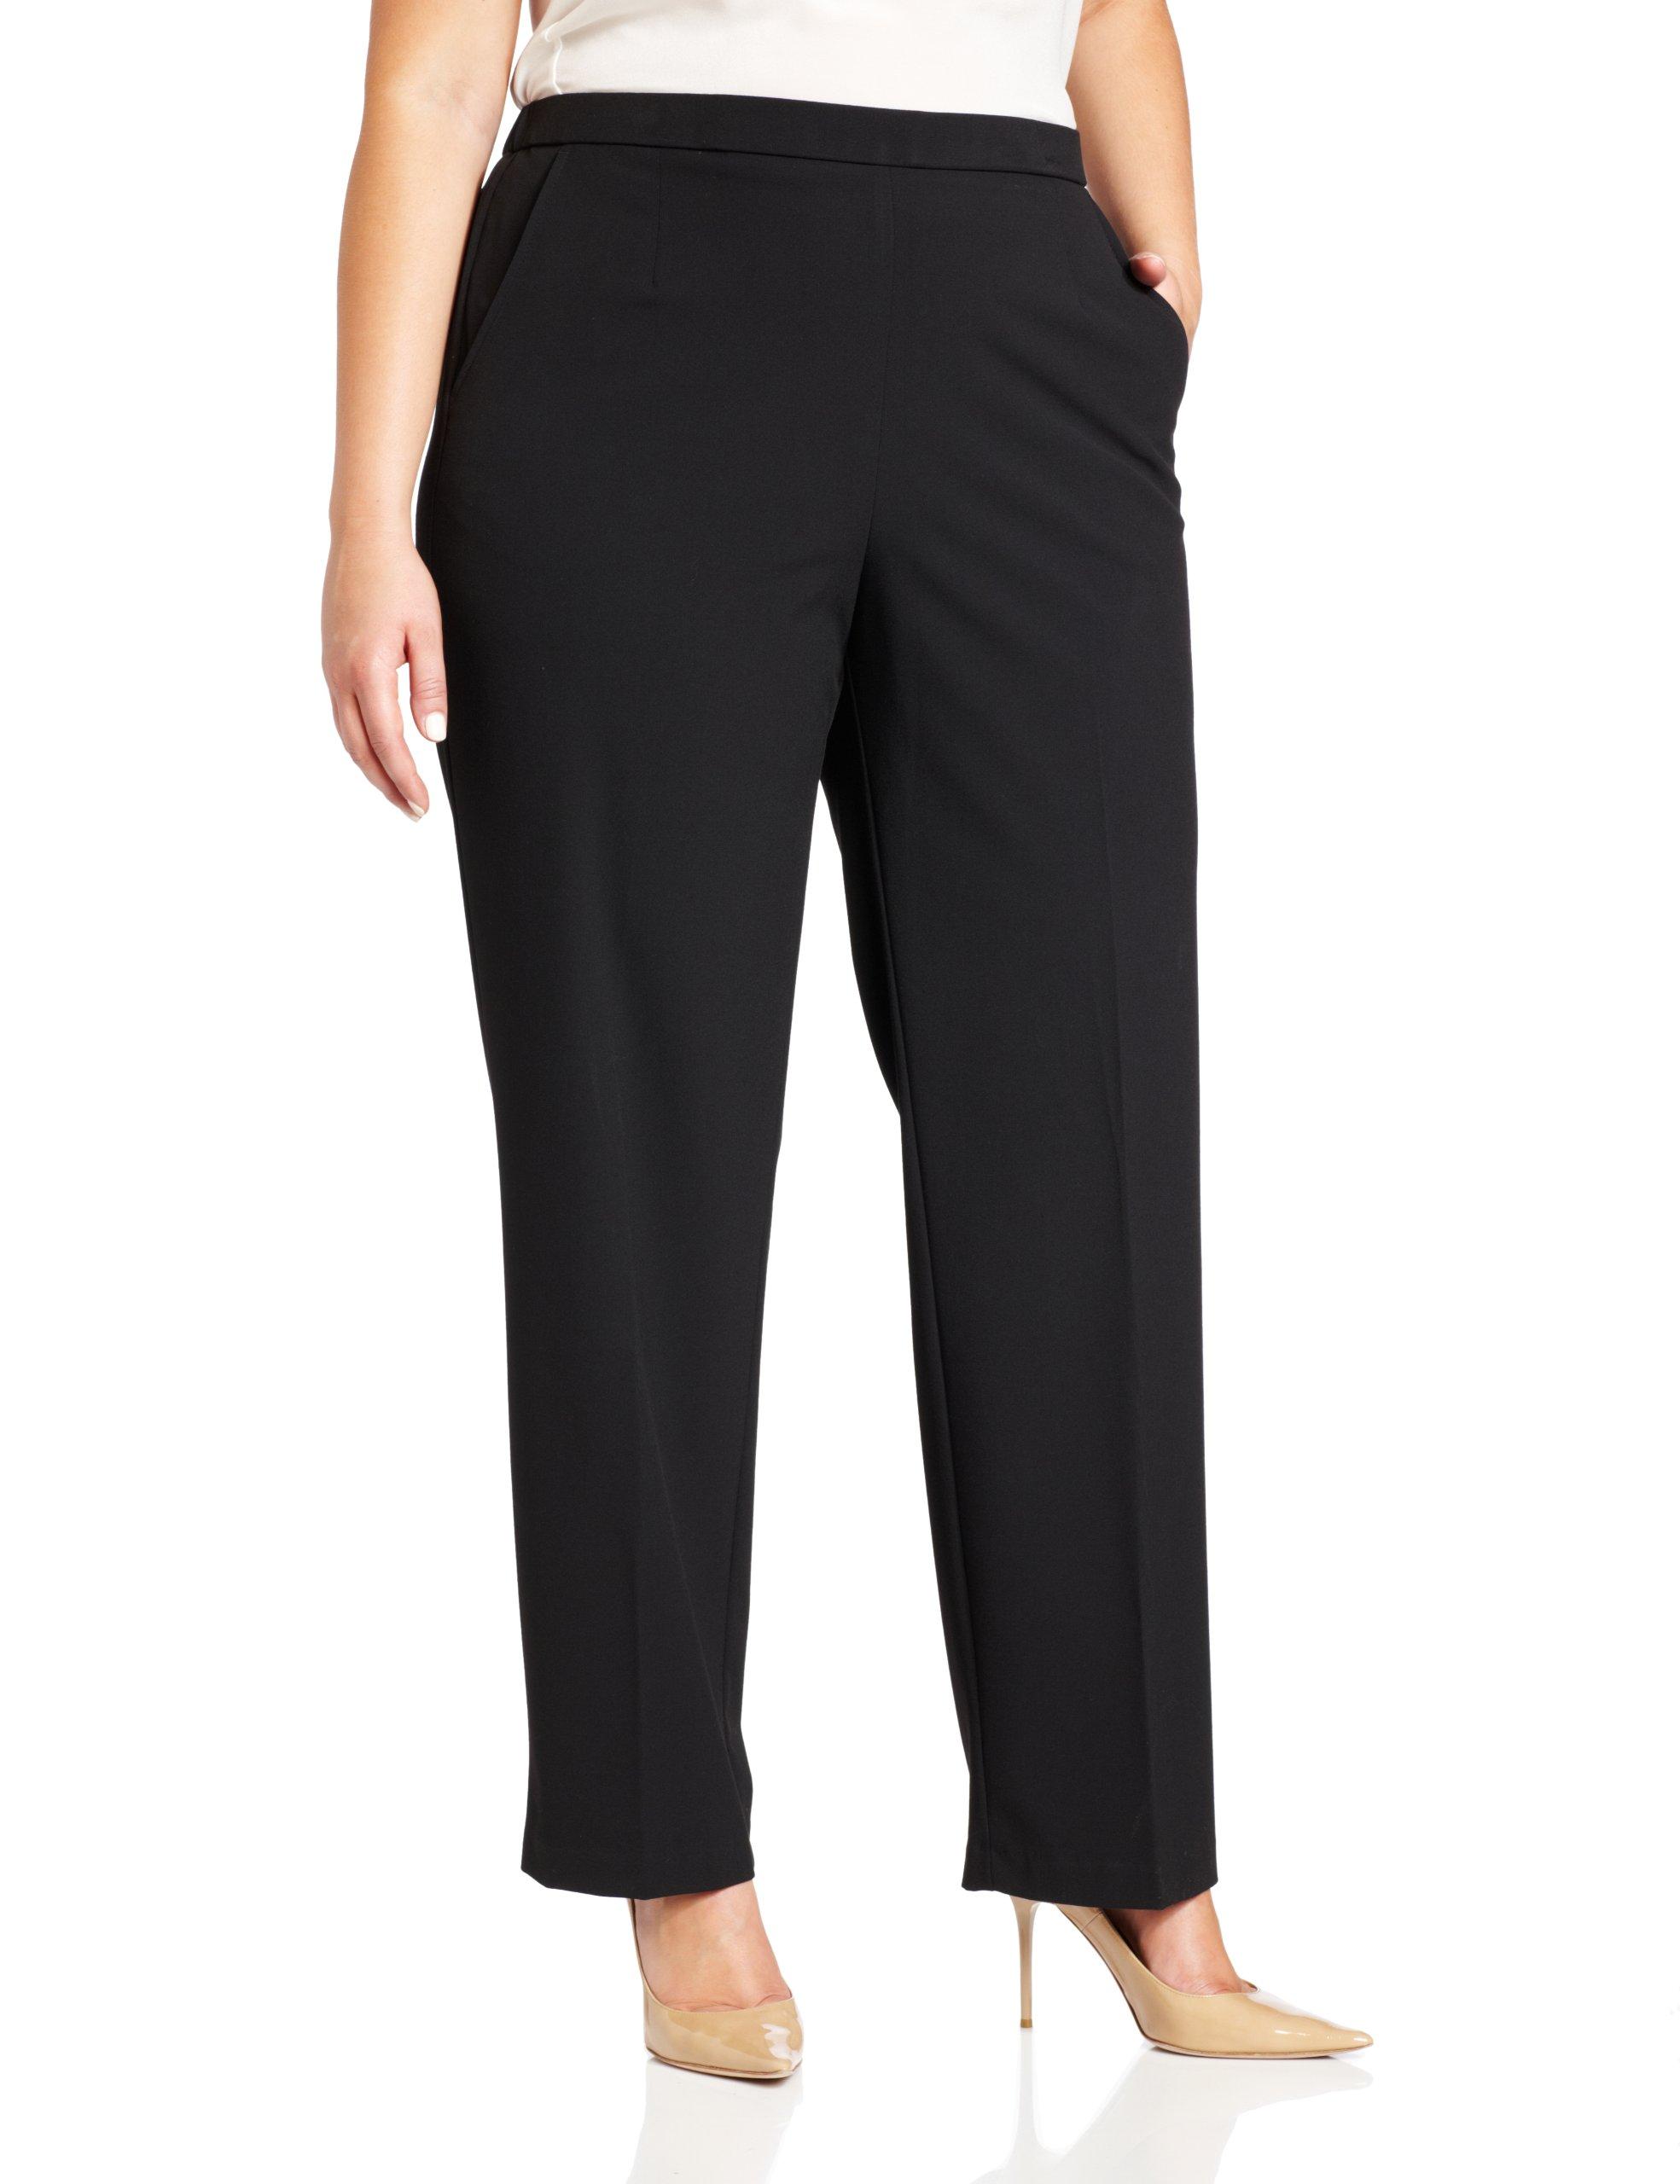 Briggs New York Women's All Around Comfort Pant,Black,22W